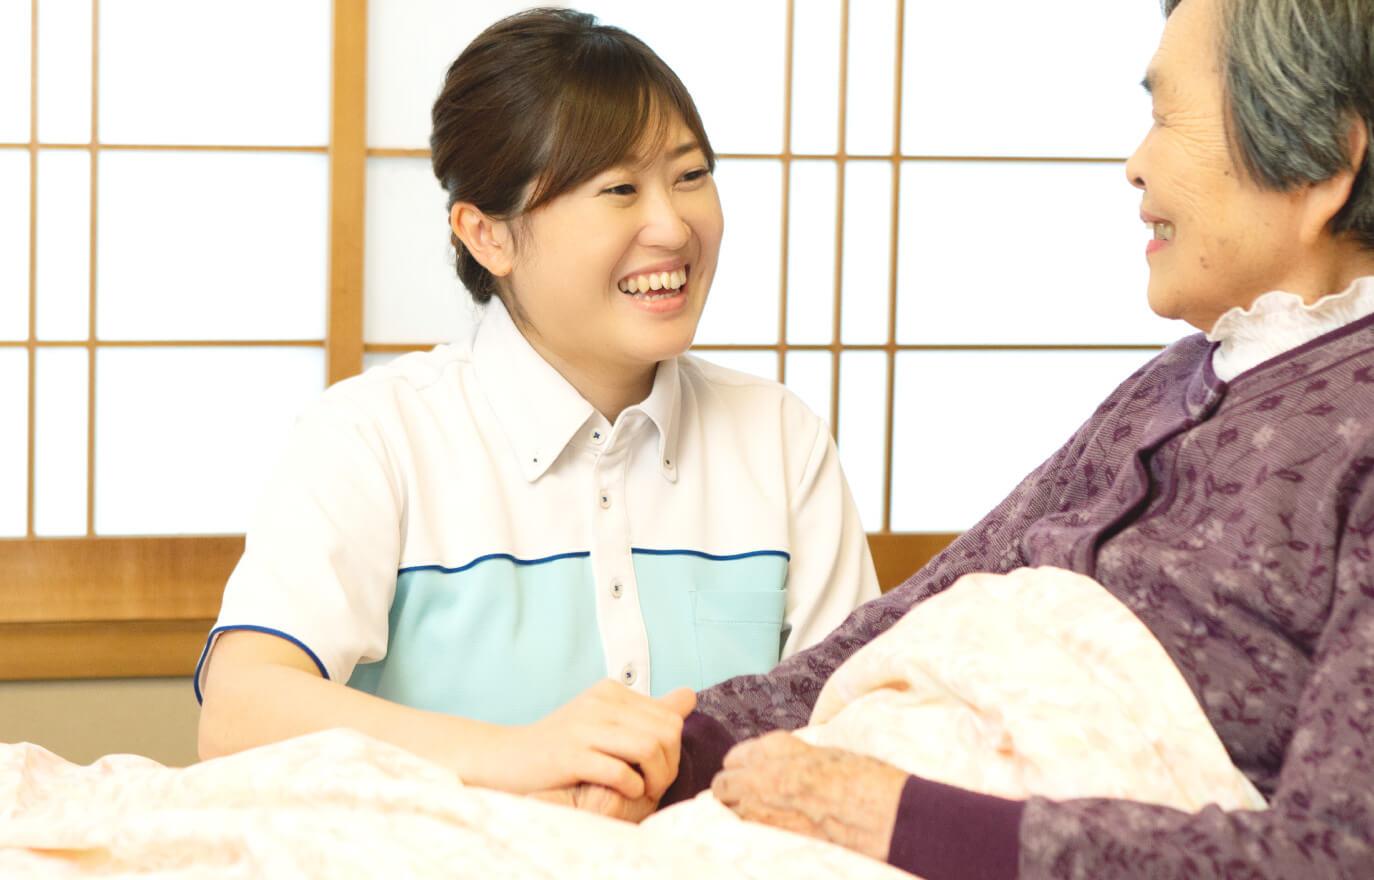 「「もしも」の不安を少しでも軽く。」大同訪問看護ステーション|訪問看護、訪問リハビリ